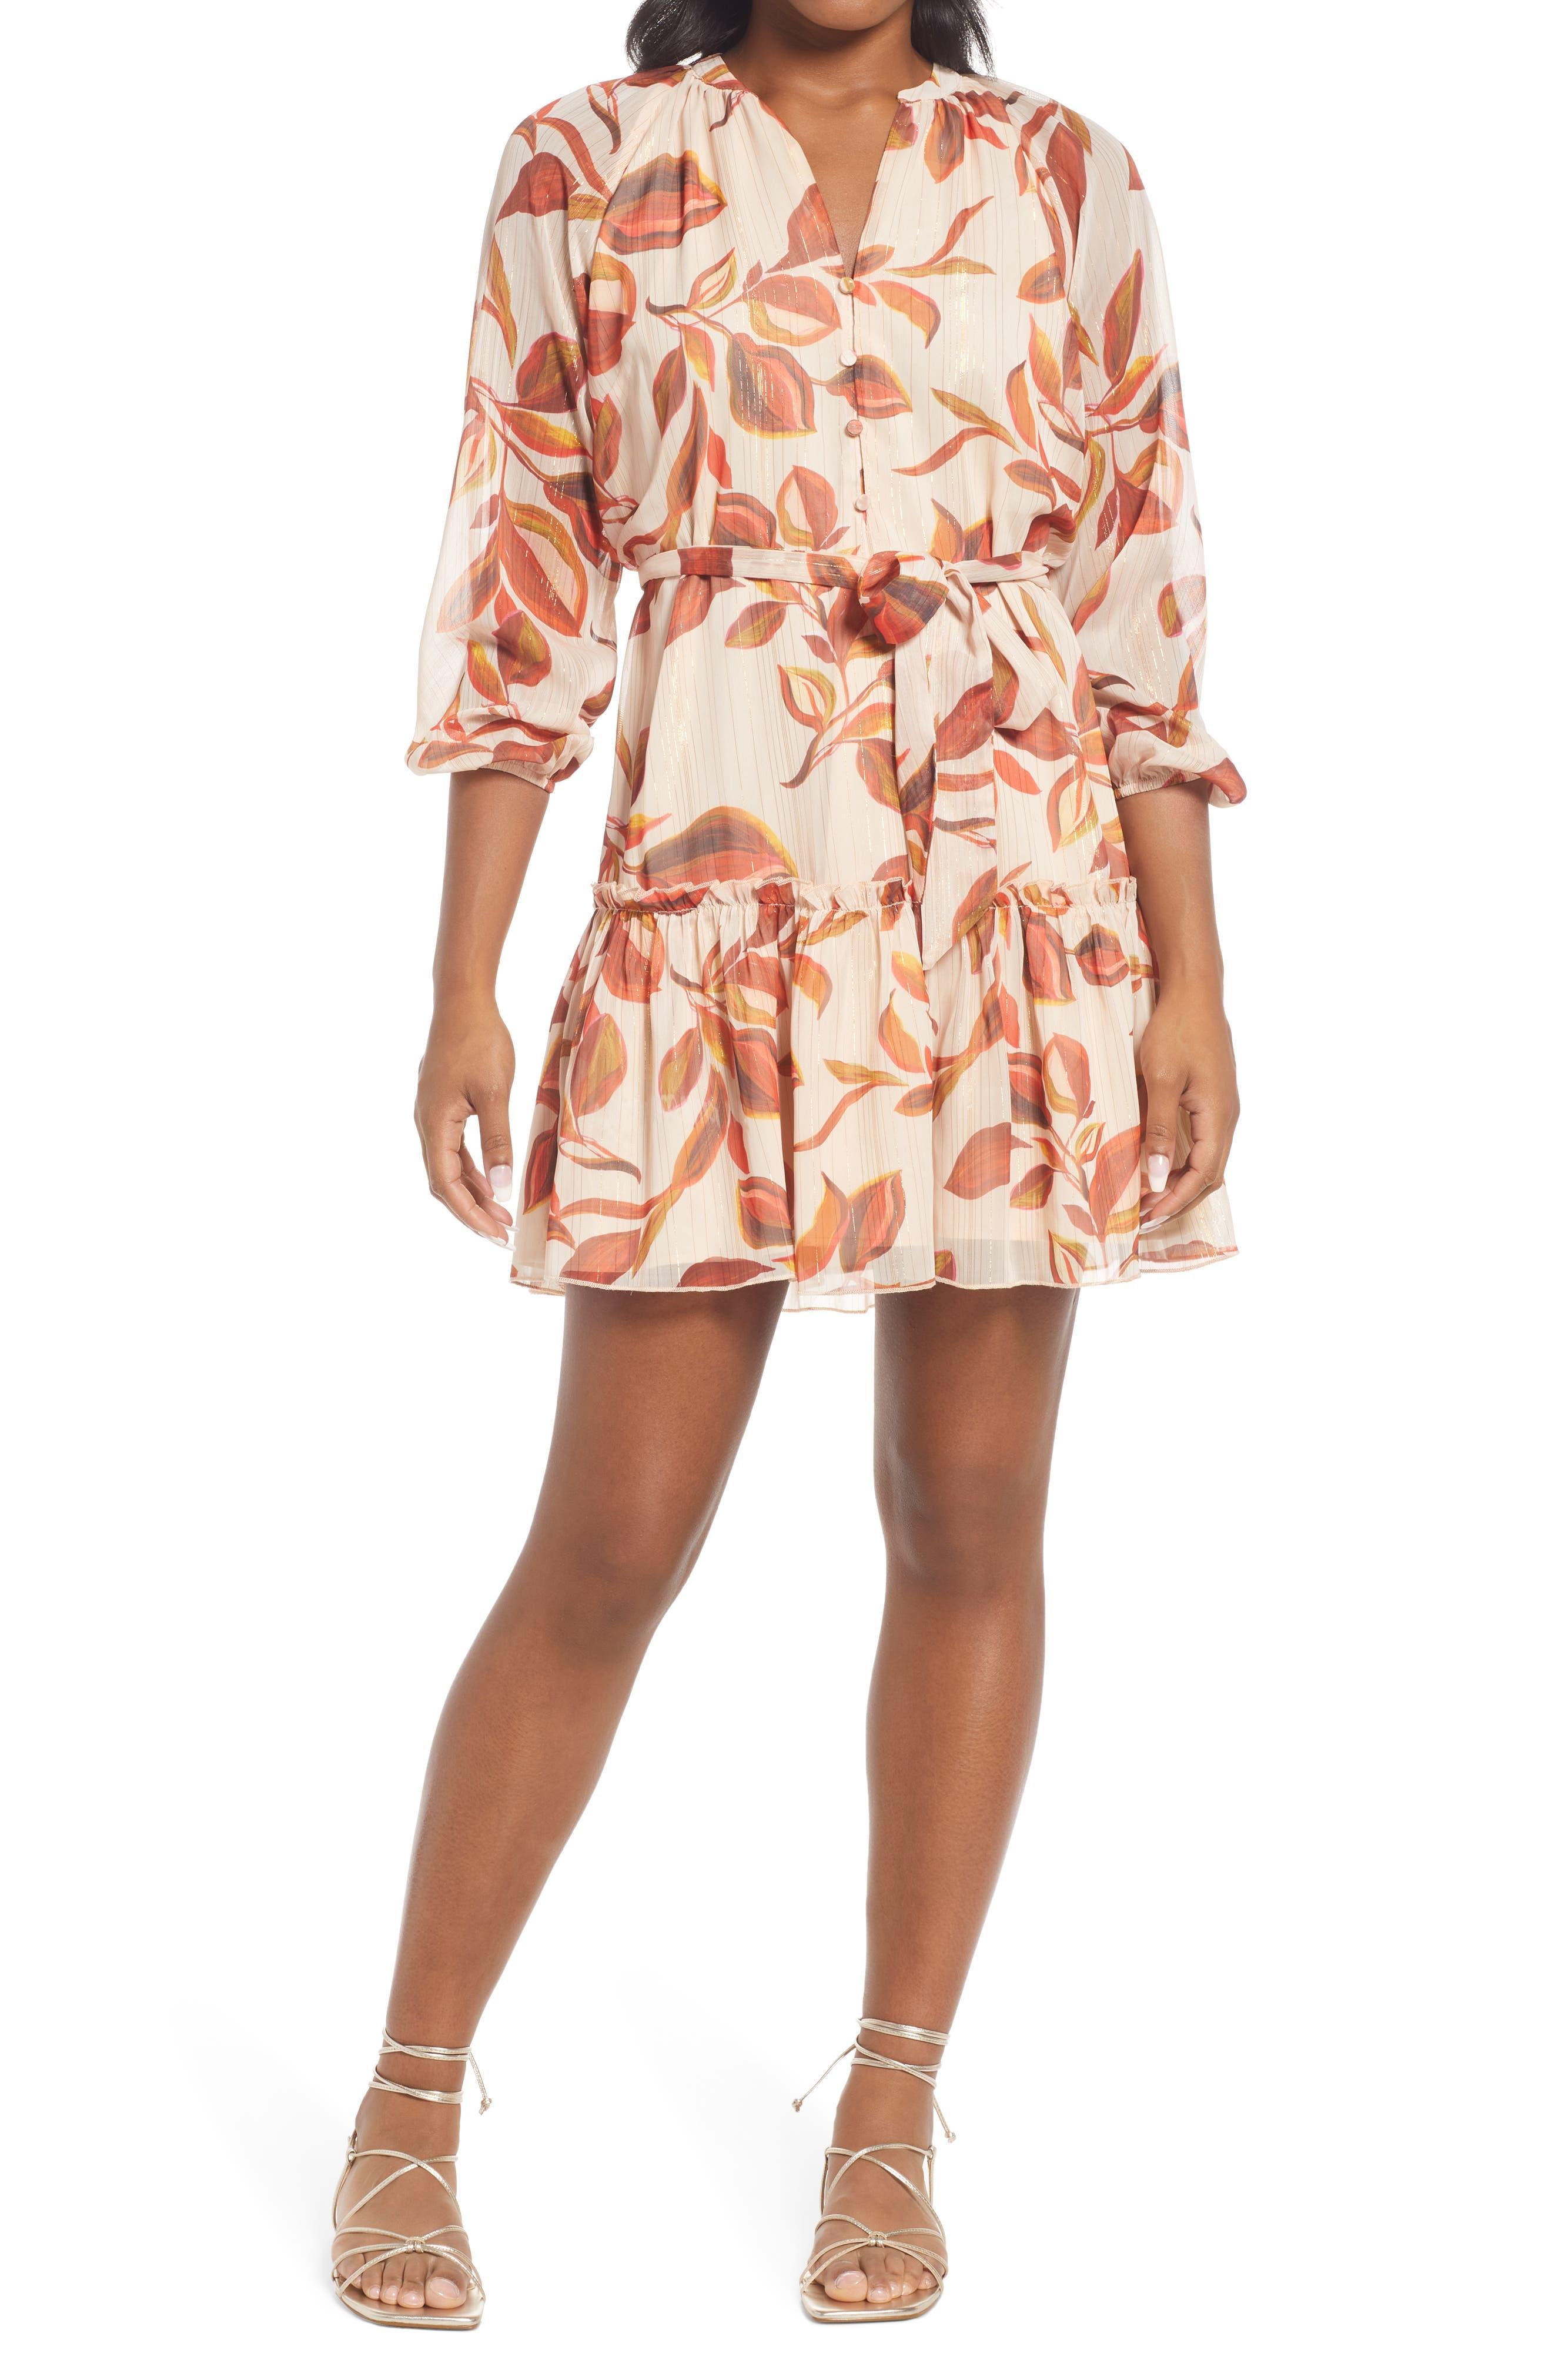 Trina Popover Long Sleeve Chiffon Dress